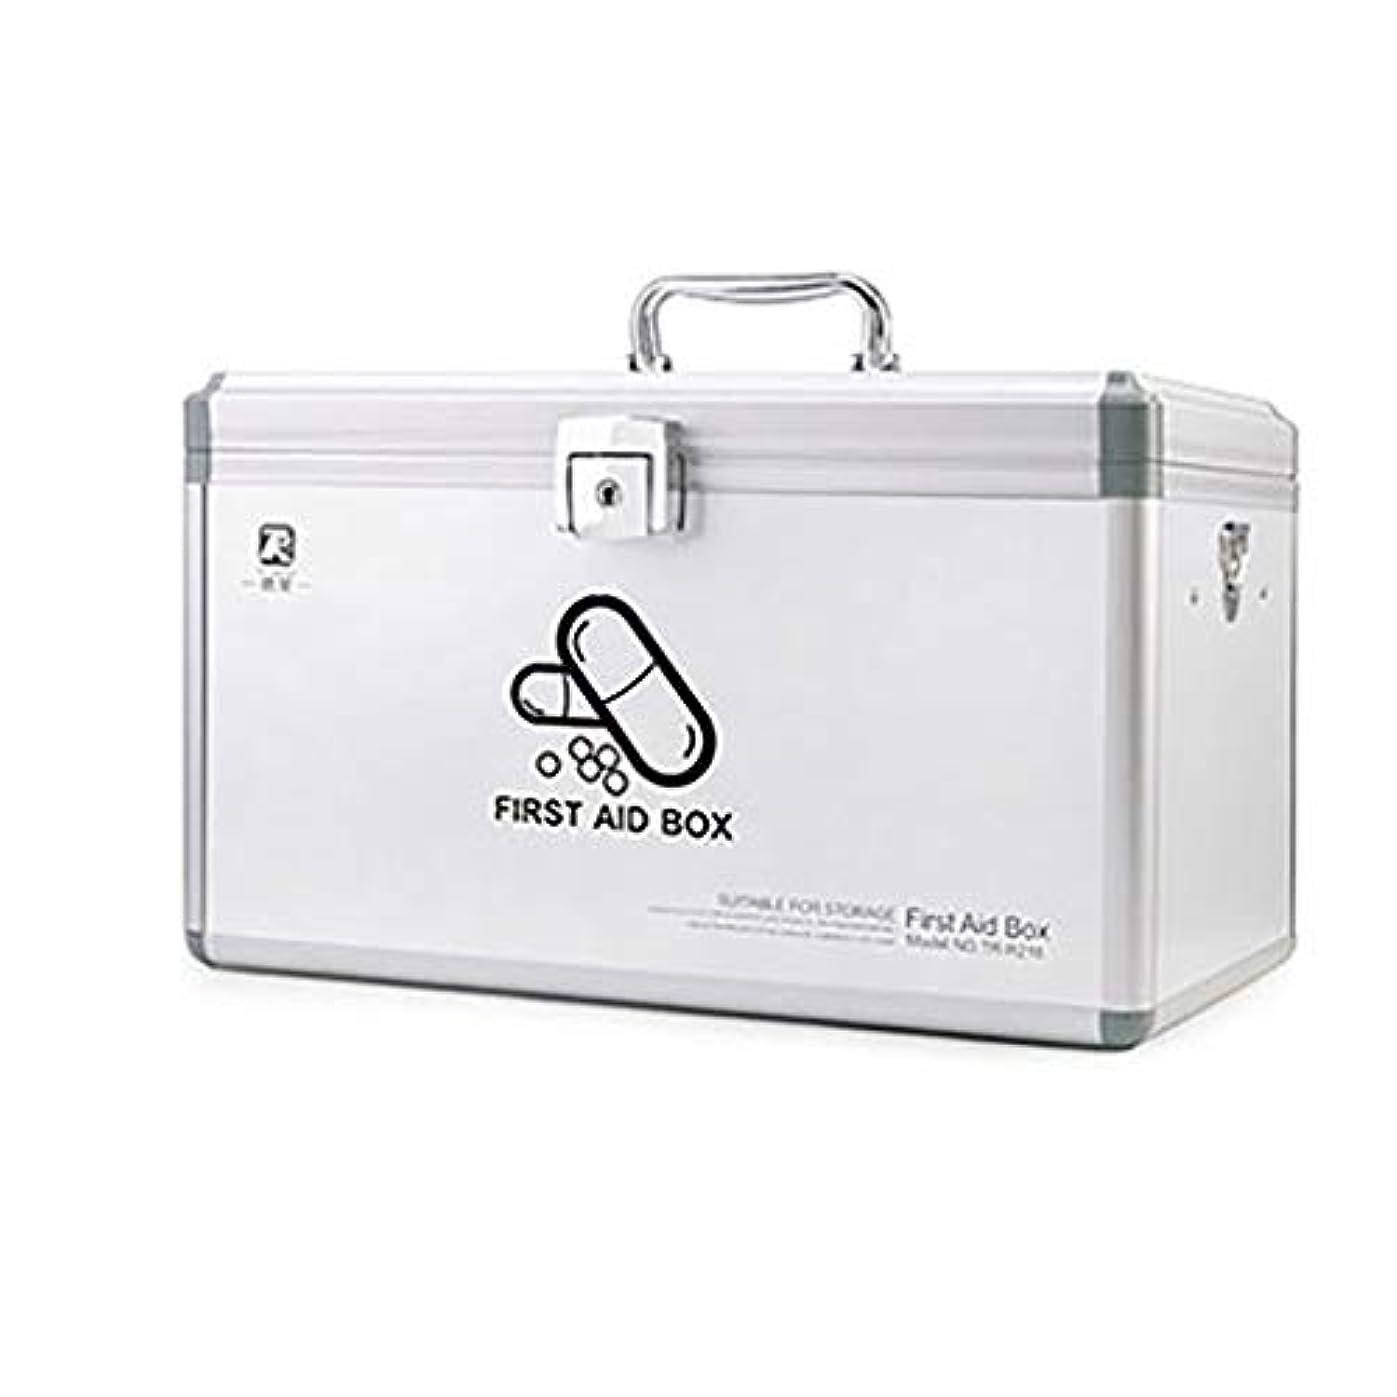 ダルセットパラシュートグリップKKYY メディシンボックスポータブル救急箱ハンドル付き大家庭、旅行、職場向けの単層医療(ピンク、シルバー)